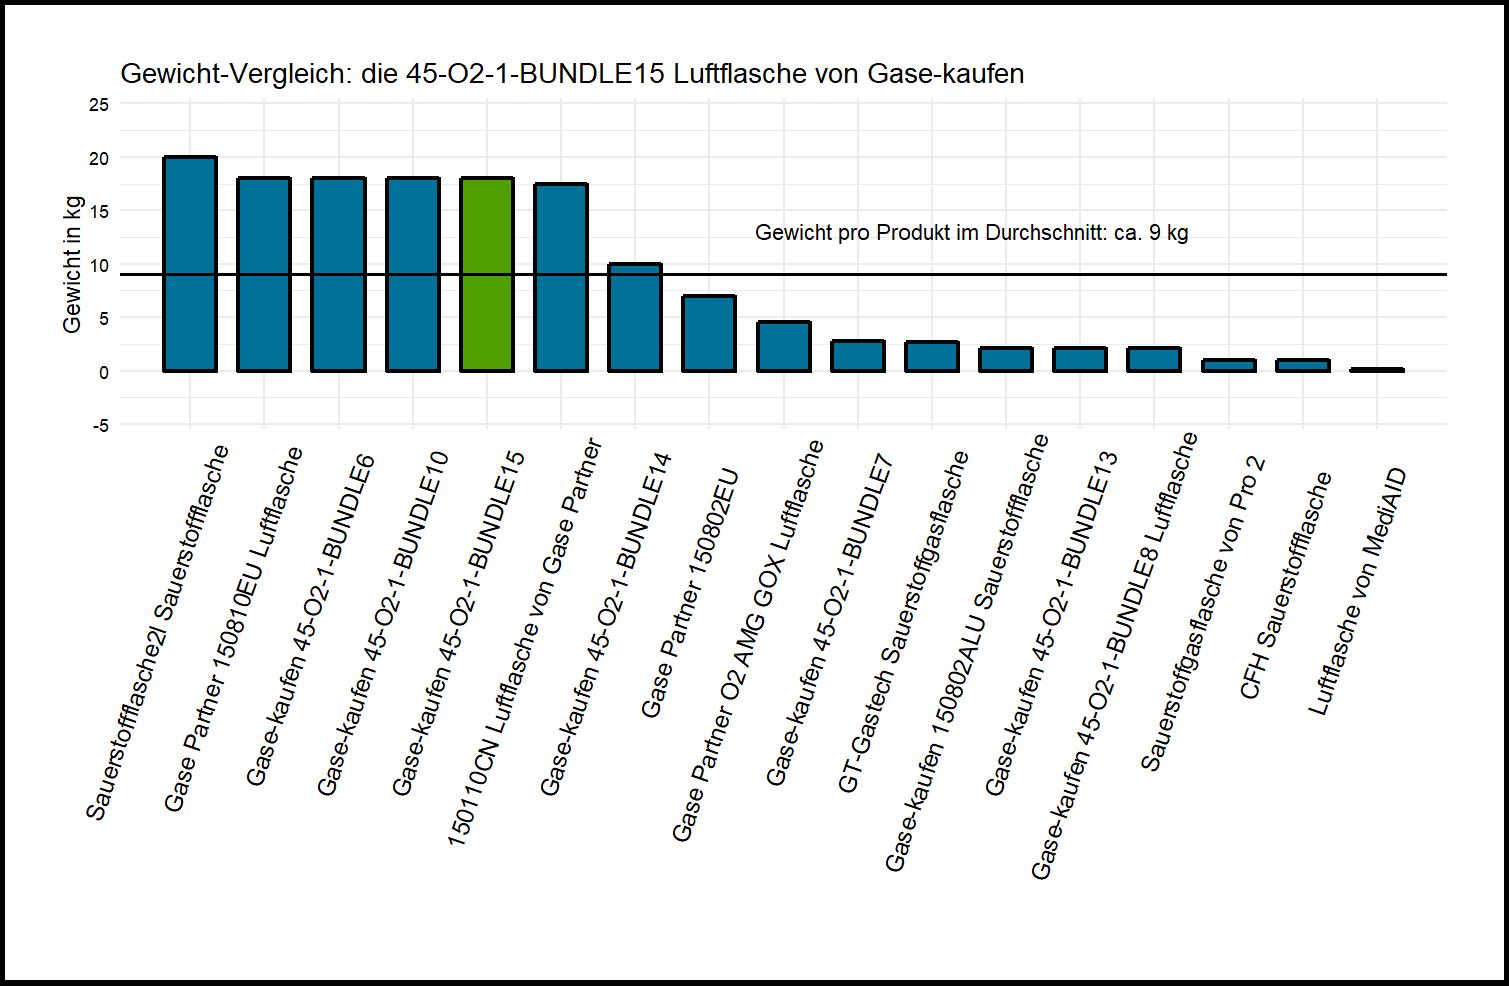 Gewicht-Vergleich von der Gase-kaufen Sauerstoffflasche 45-O2-1-BUNDLE15